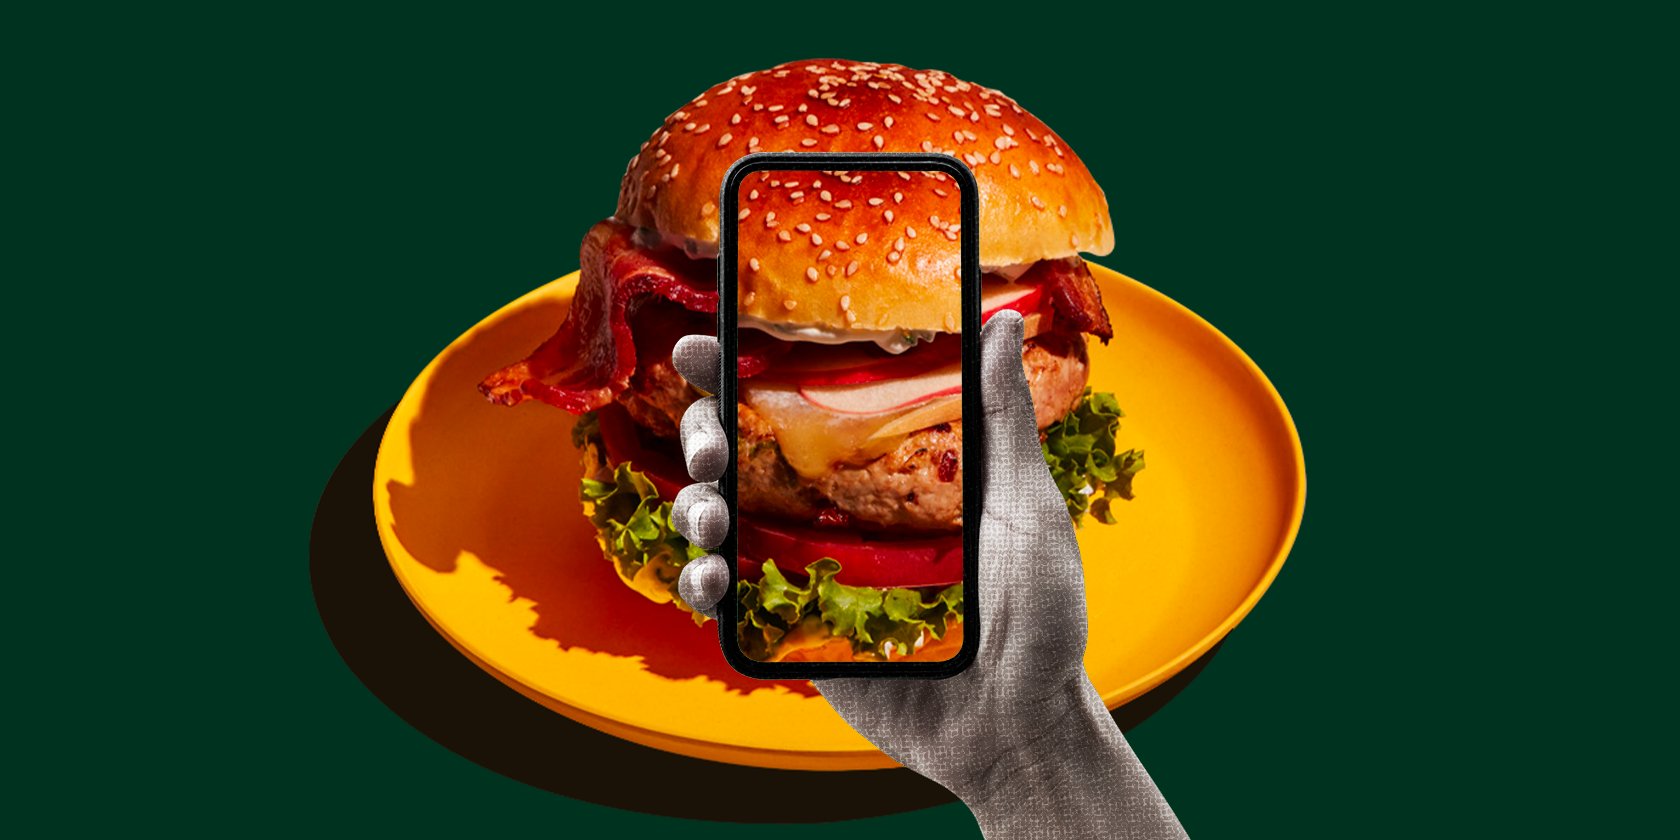 Comment finir par accepter les gens qui prennent des photos de leur repas?